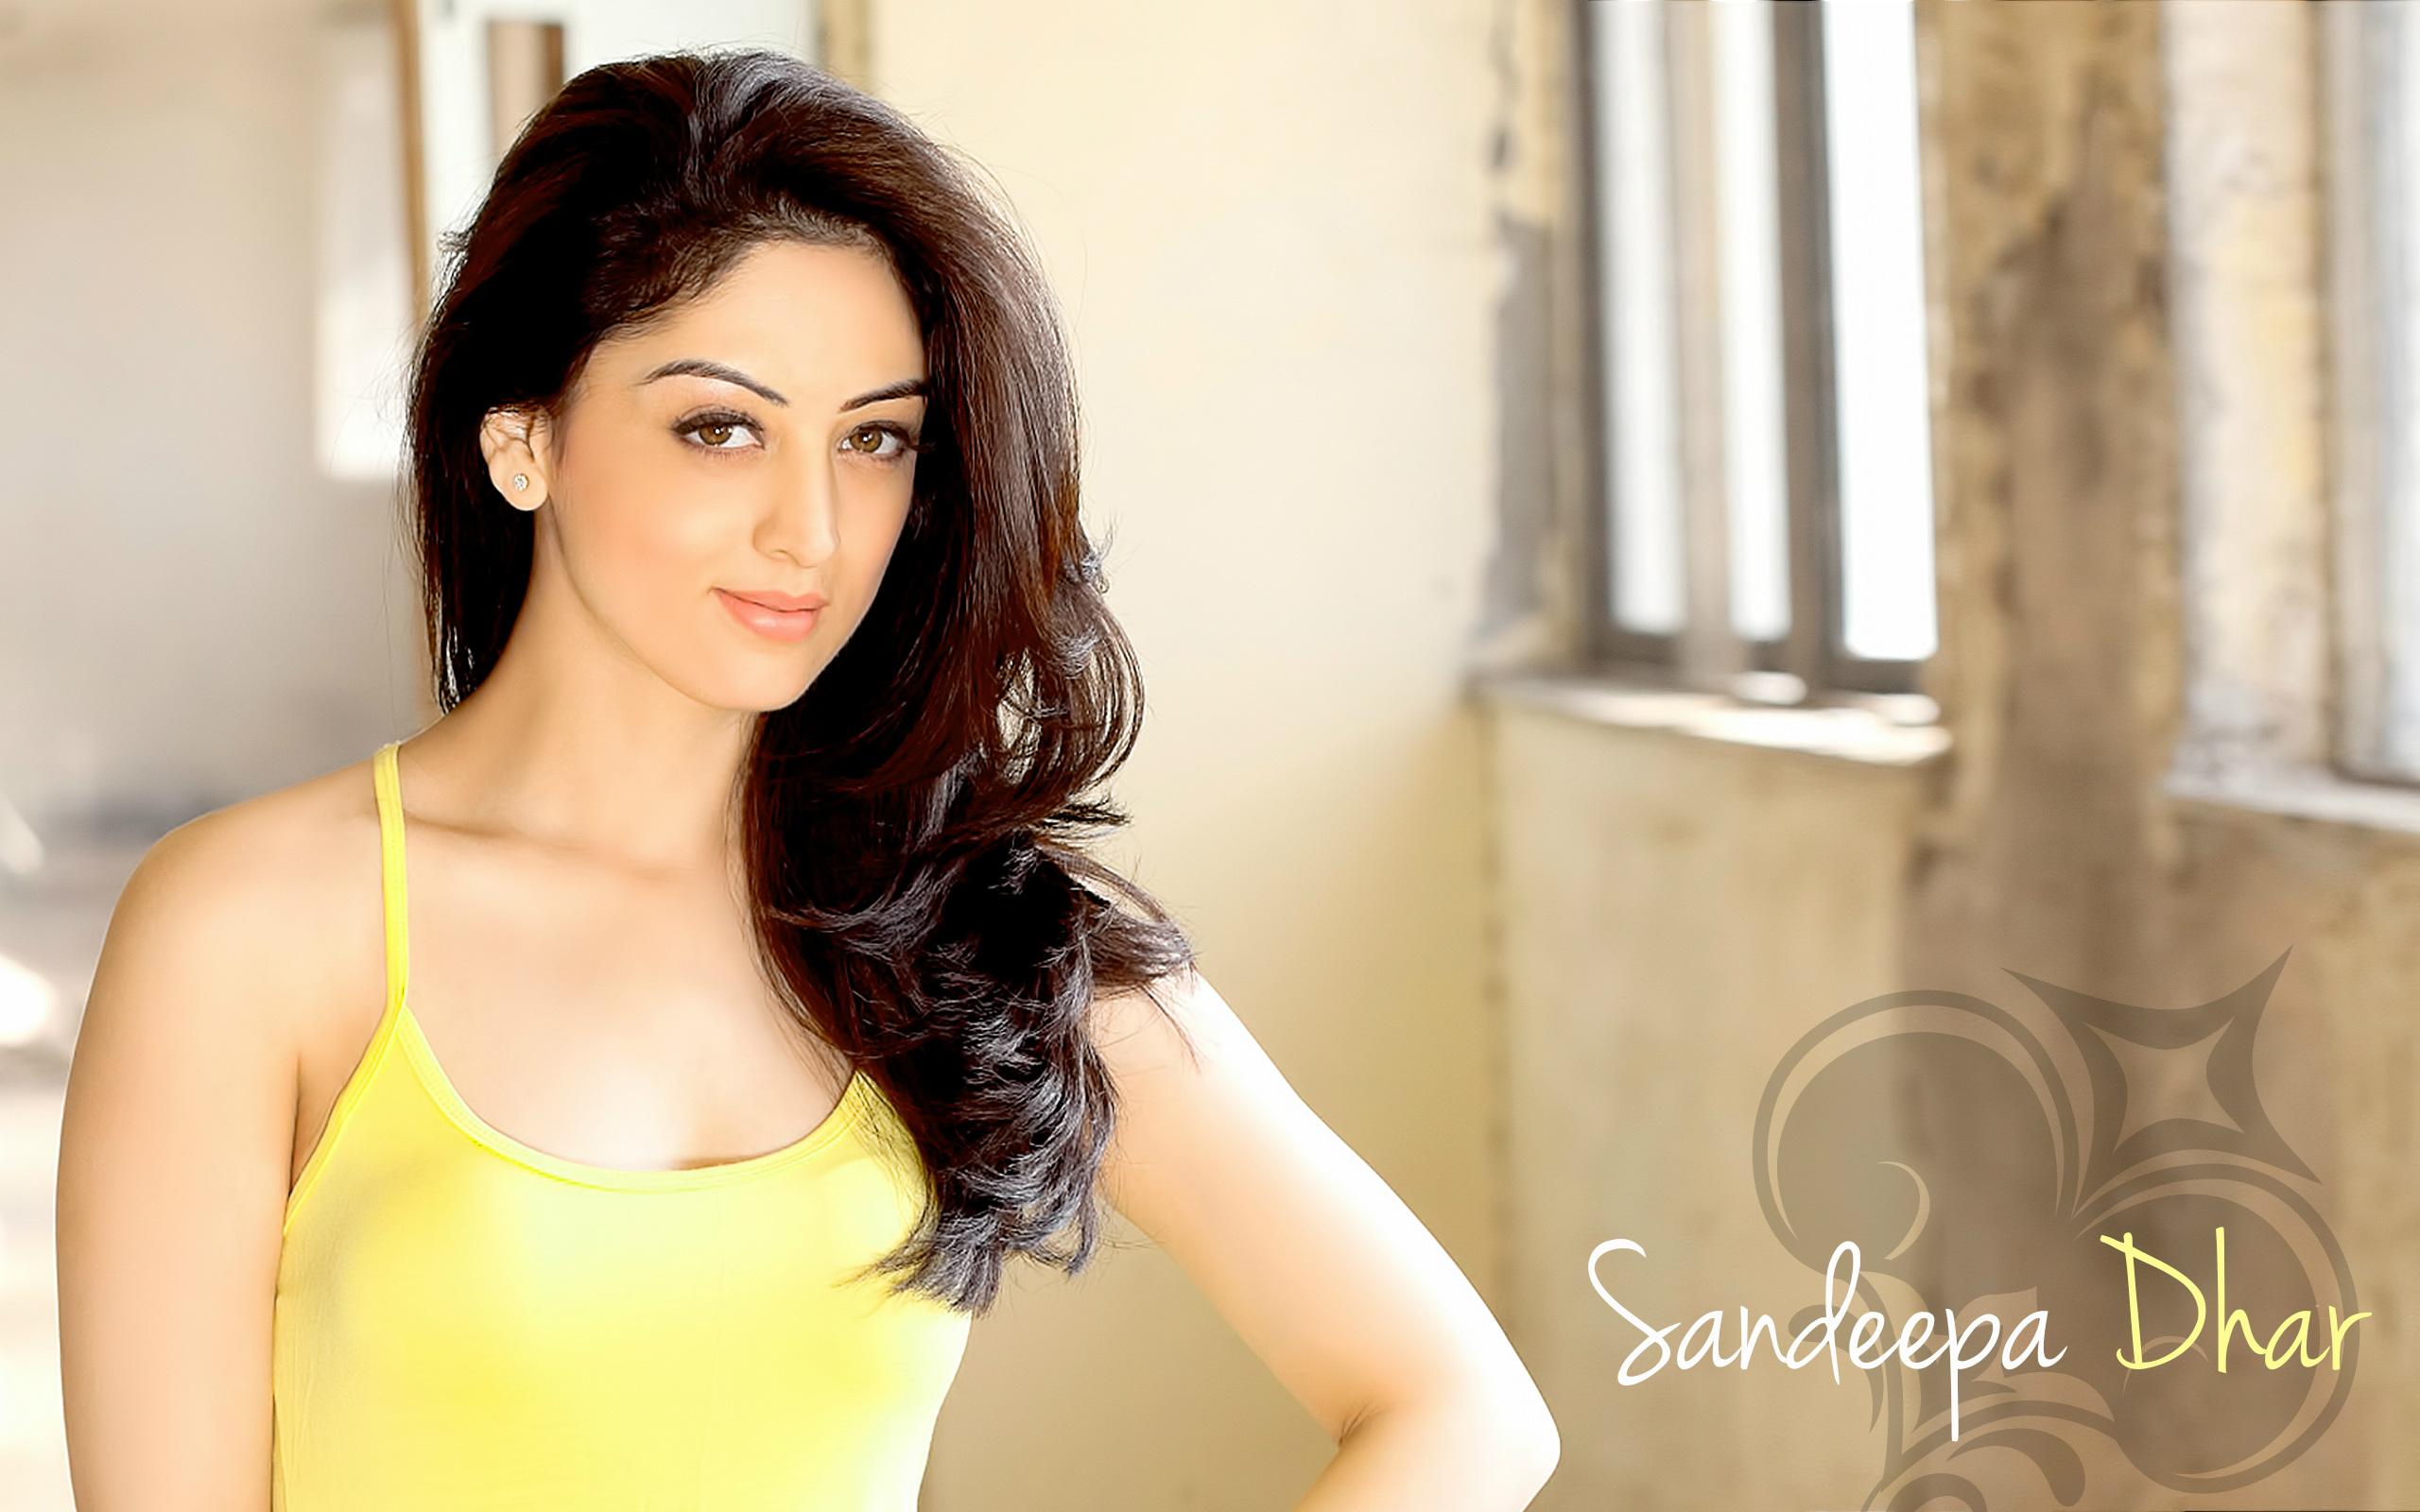 Sandeepa Dhar sexy image